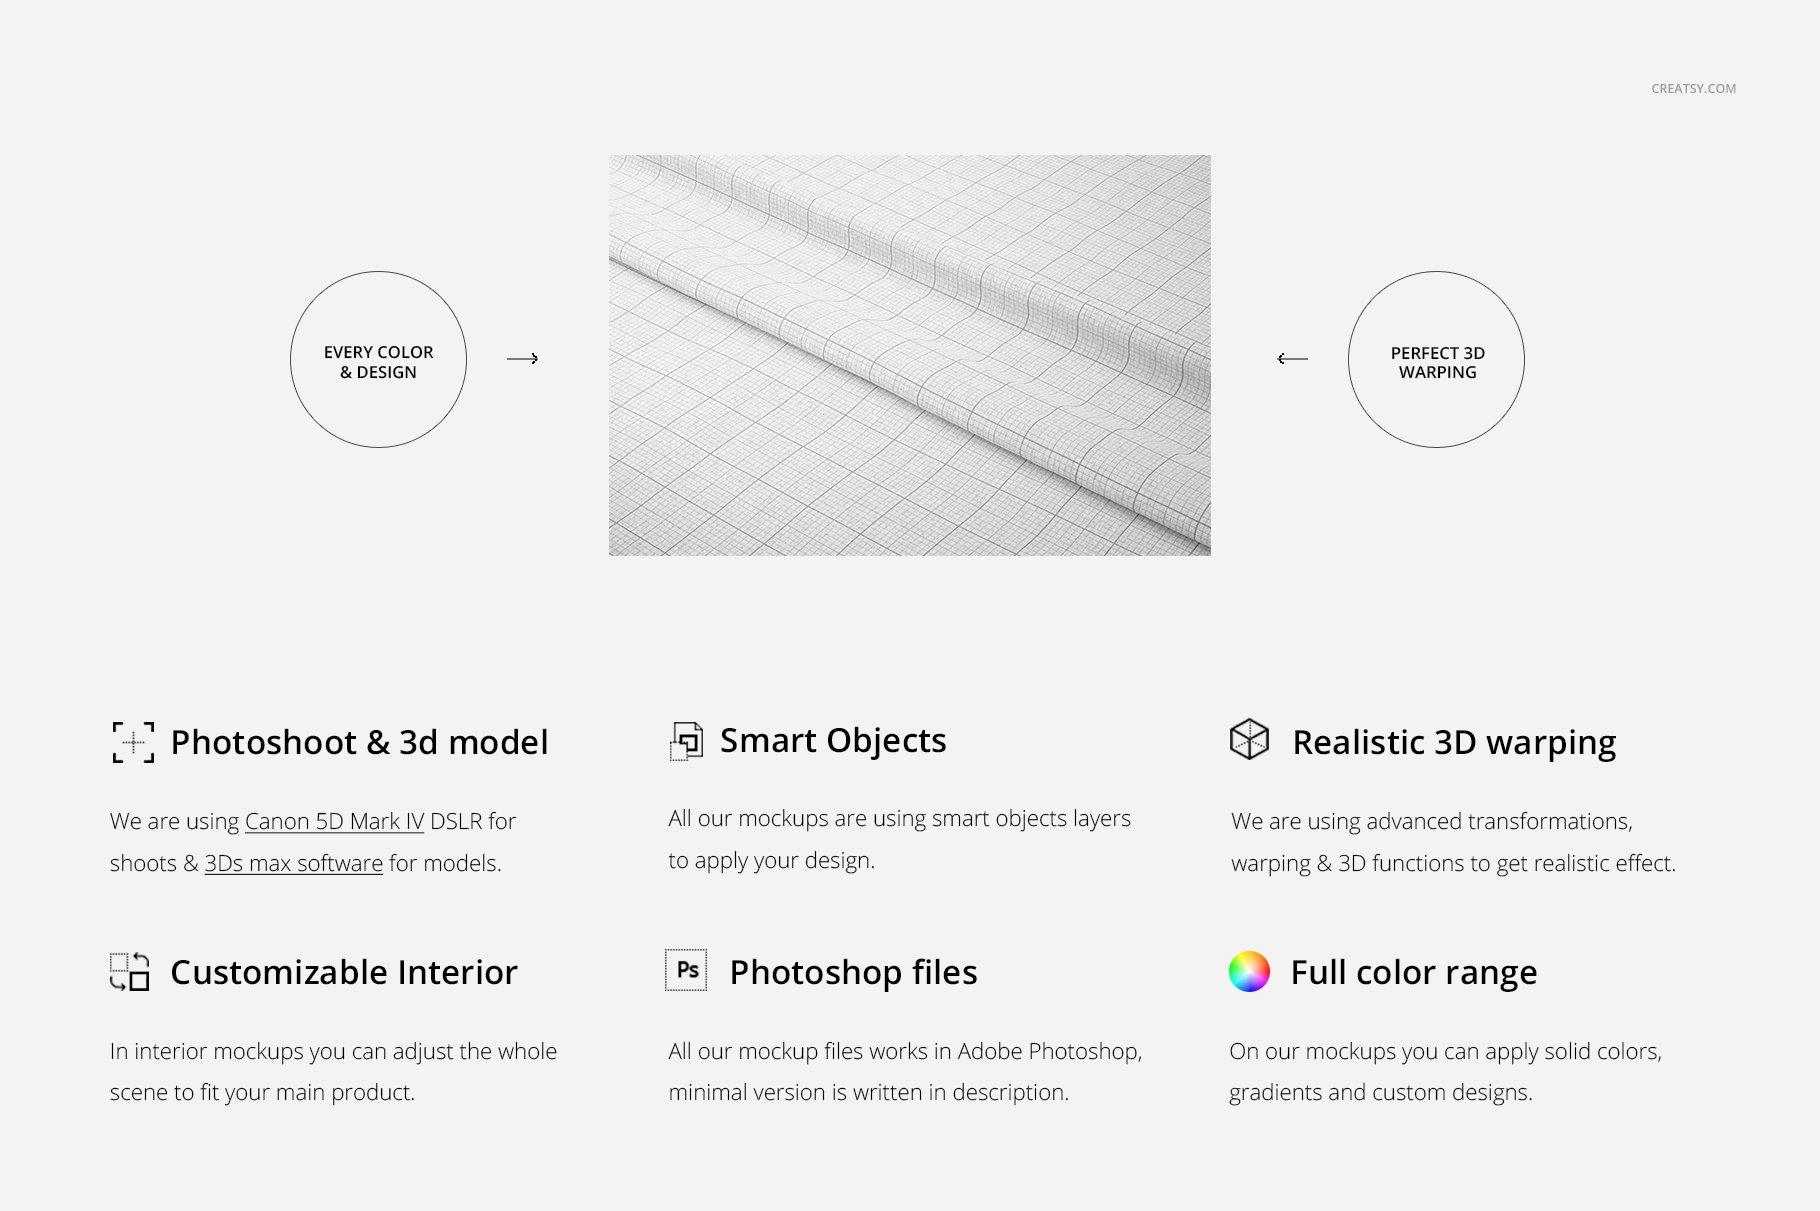 褶皱纺织面料印花图案设计展示样机模板 Lying Fabric Mockup 26/FF v.6插图(1)